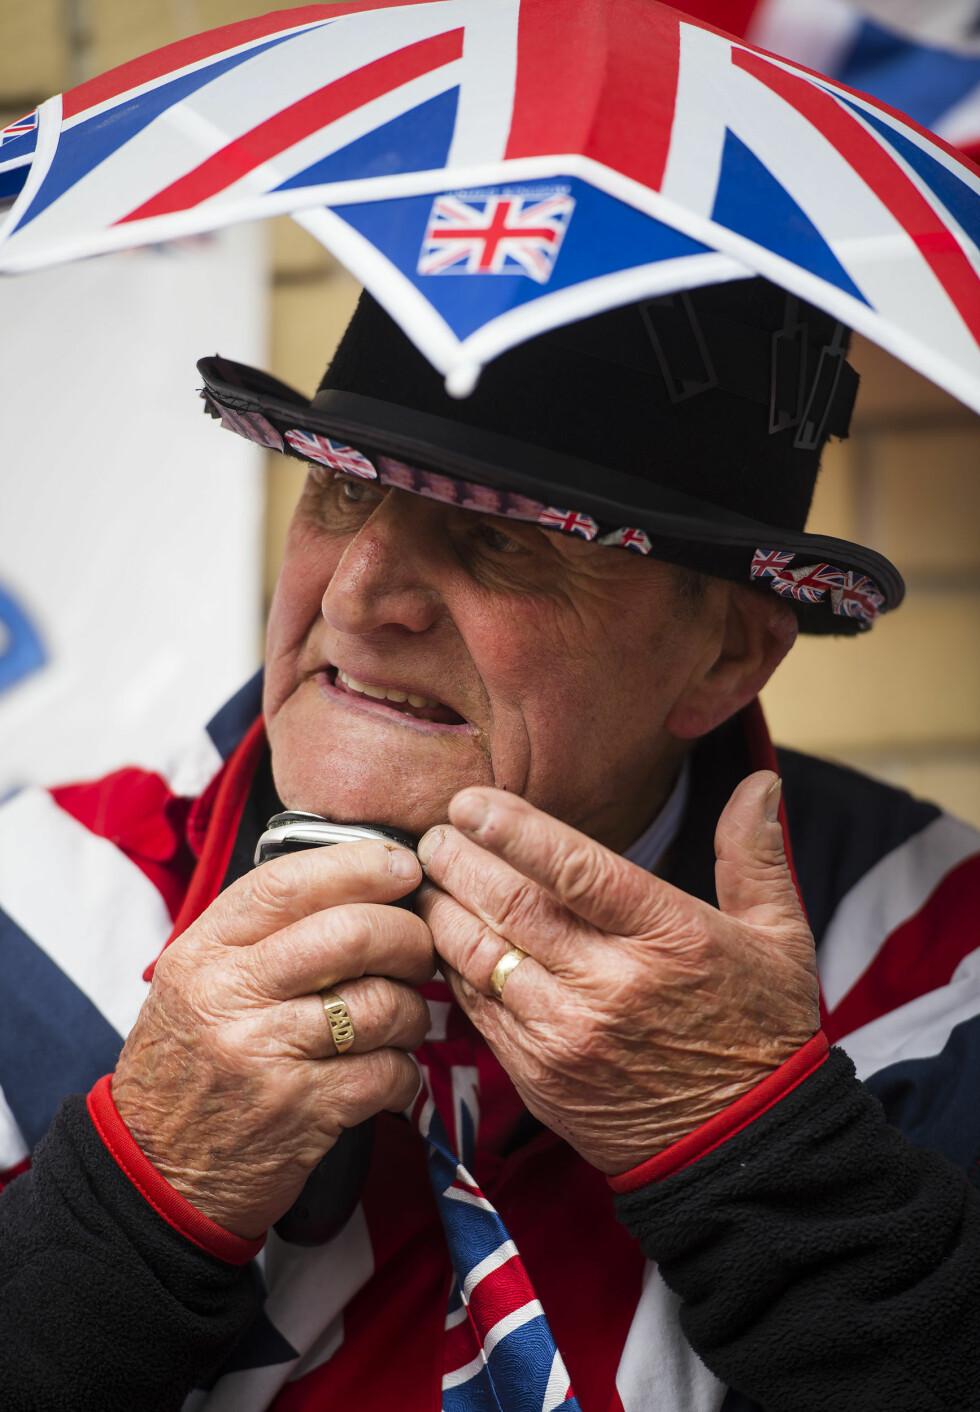 MORGENSTELLET: Den kongelige beundreren tar ingen sjanser med å stikke av - barberingen gjøres på fortauet utenfor sykehuset. Foto: SipaUSA